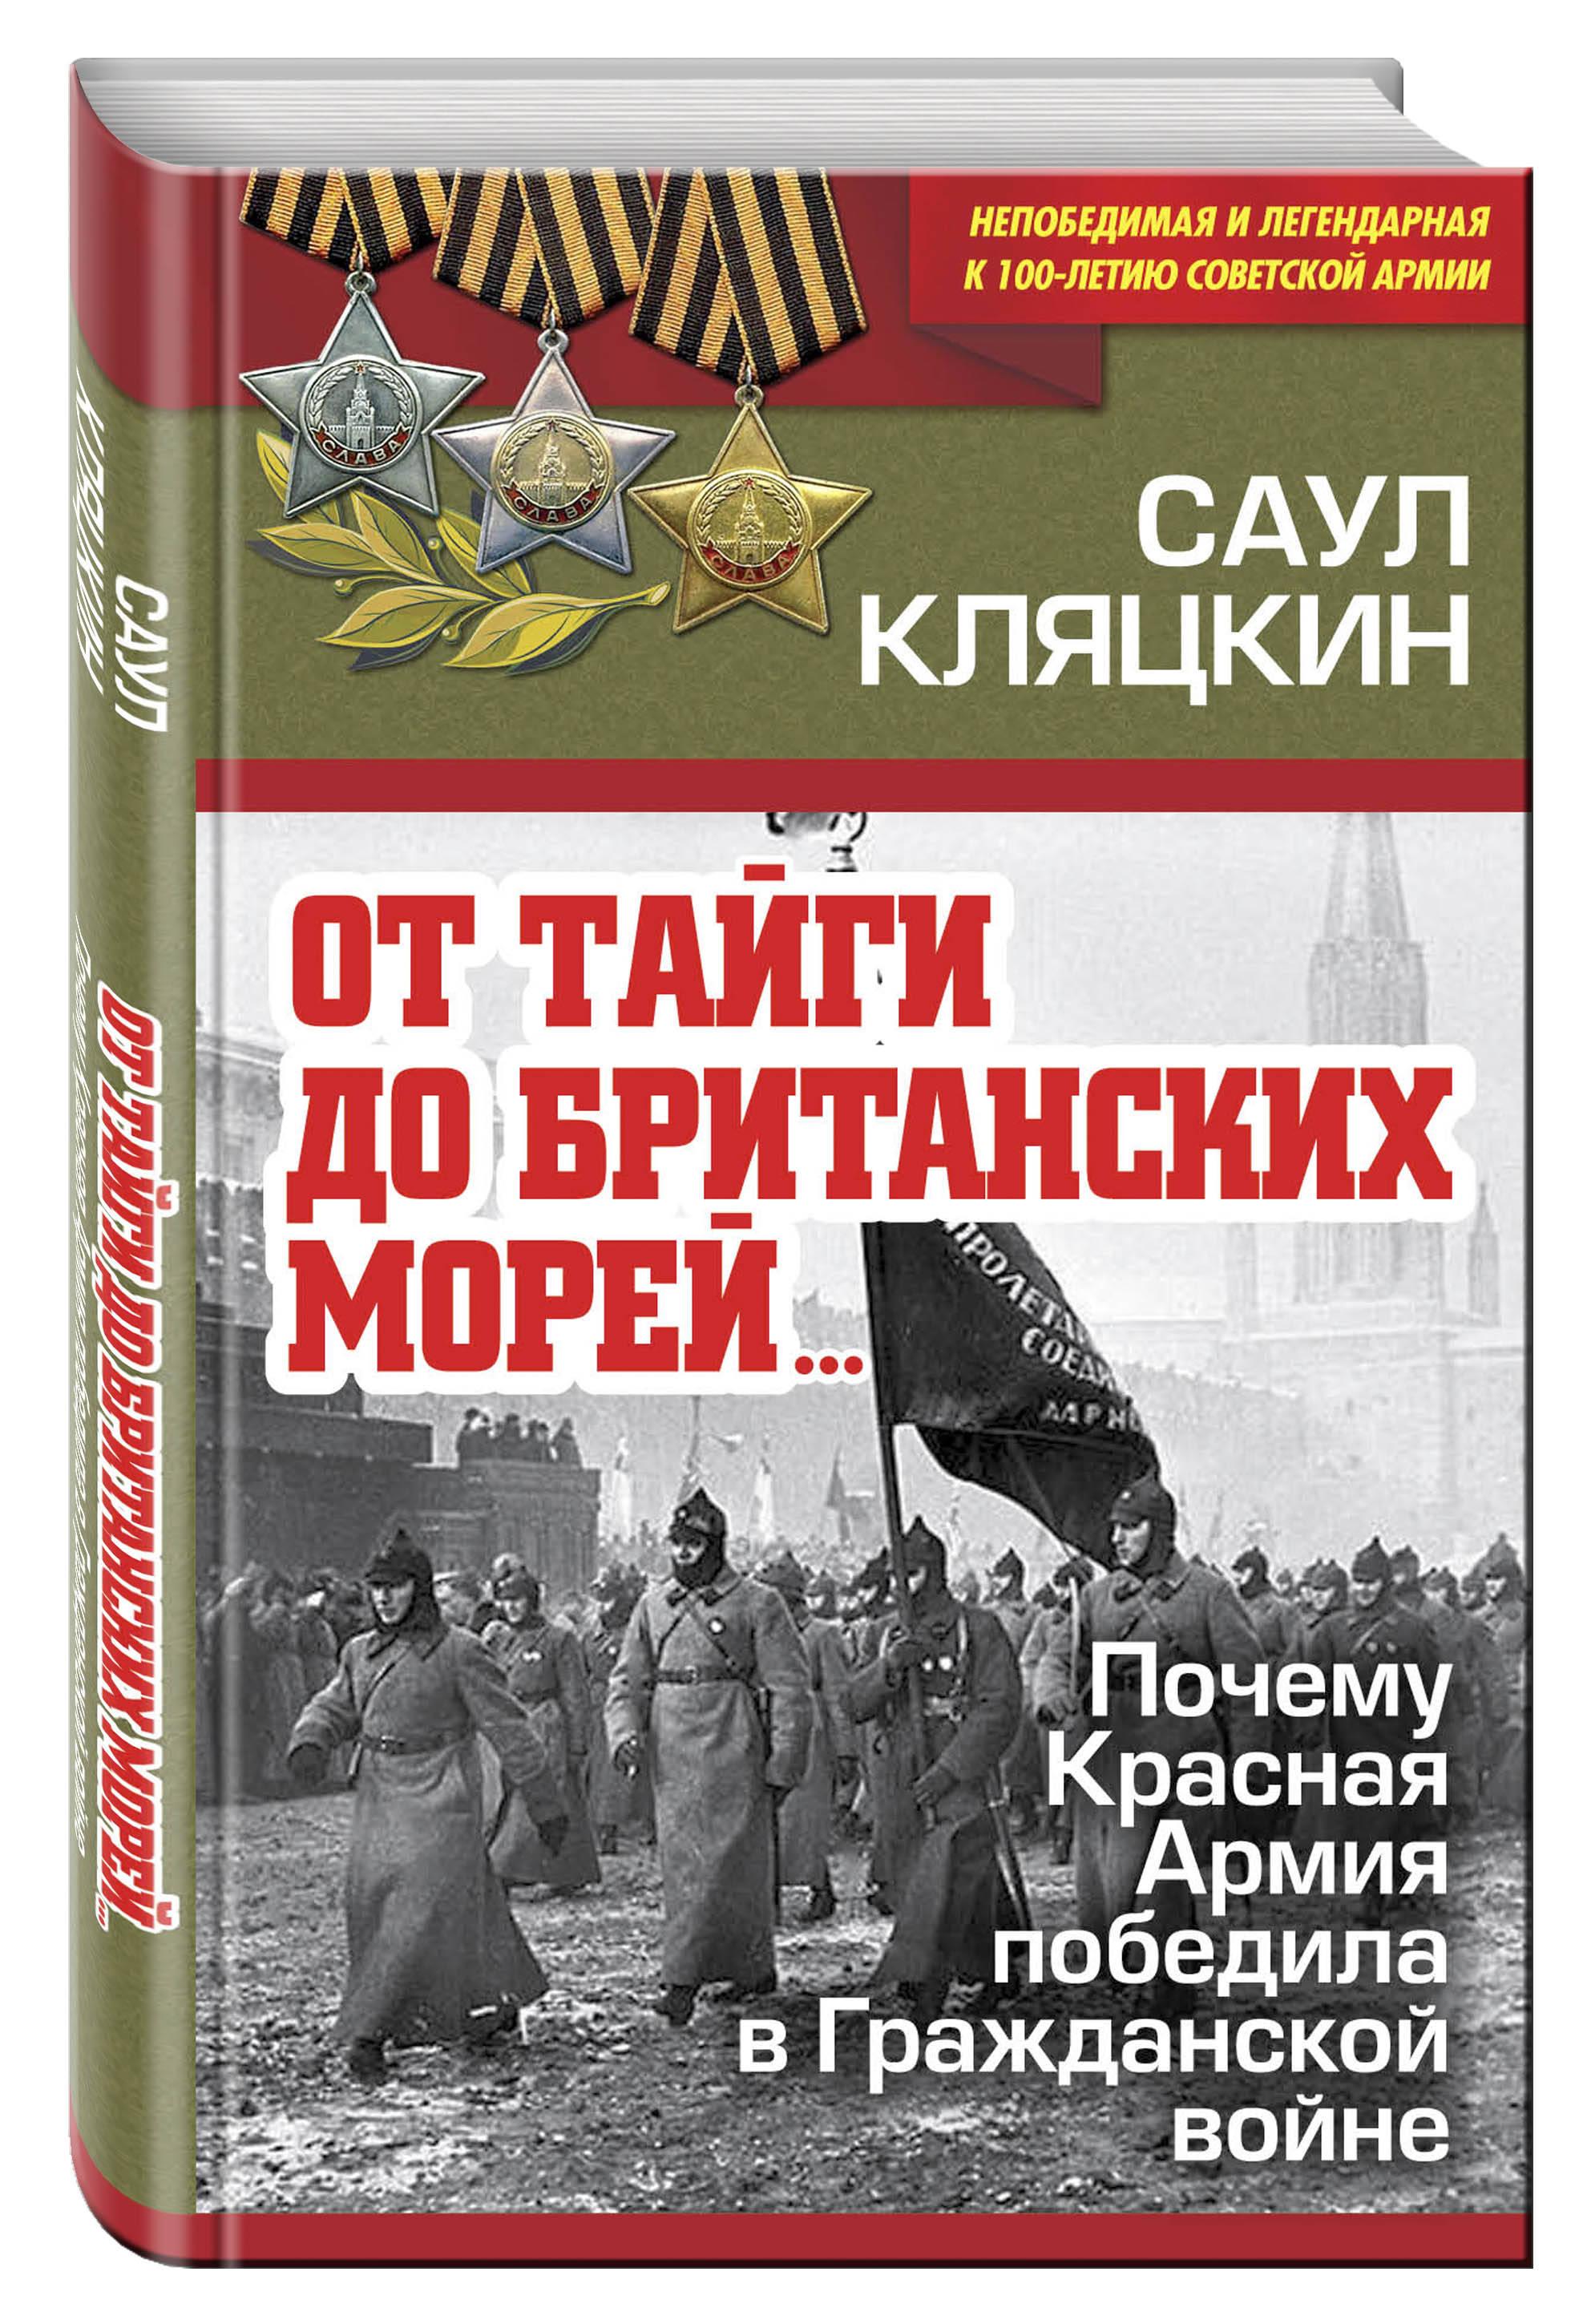 Кляцкин С.М. «От тайги до британских морей…» Почему Красная Армия победила в Гражданской войне валентин рунов удар по украине вермахт против красной армии